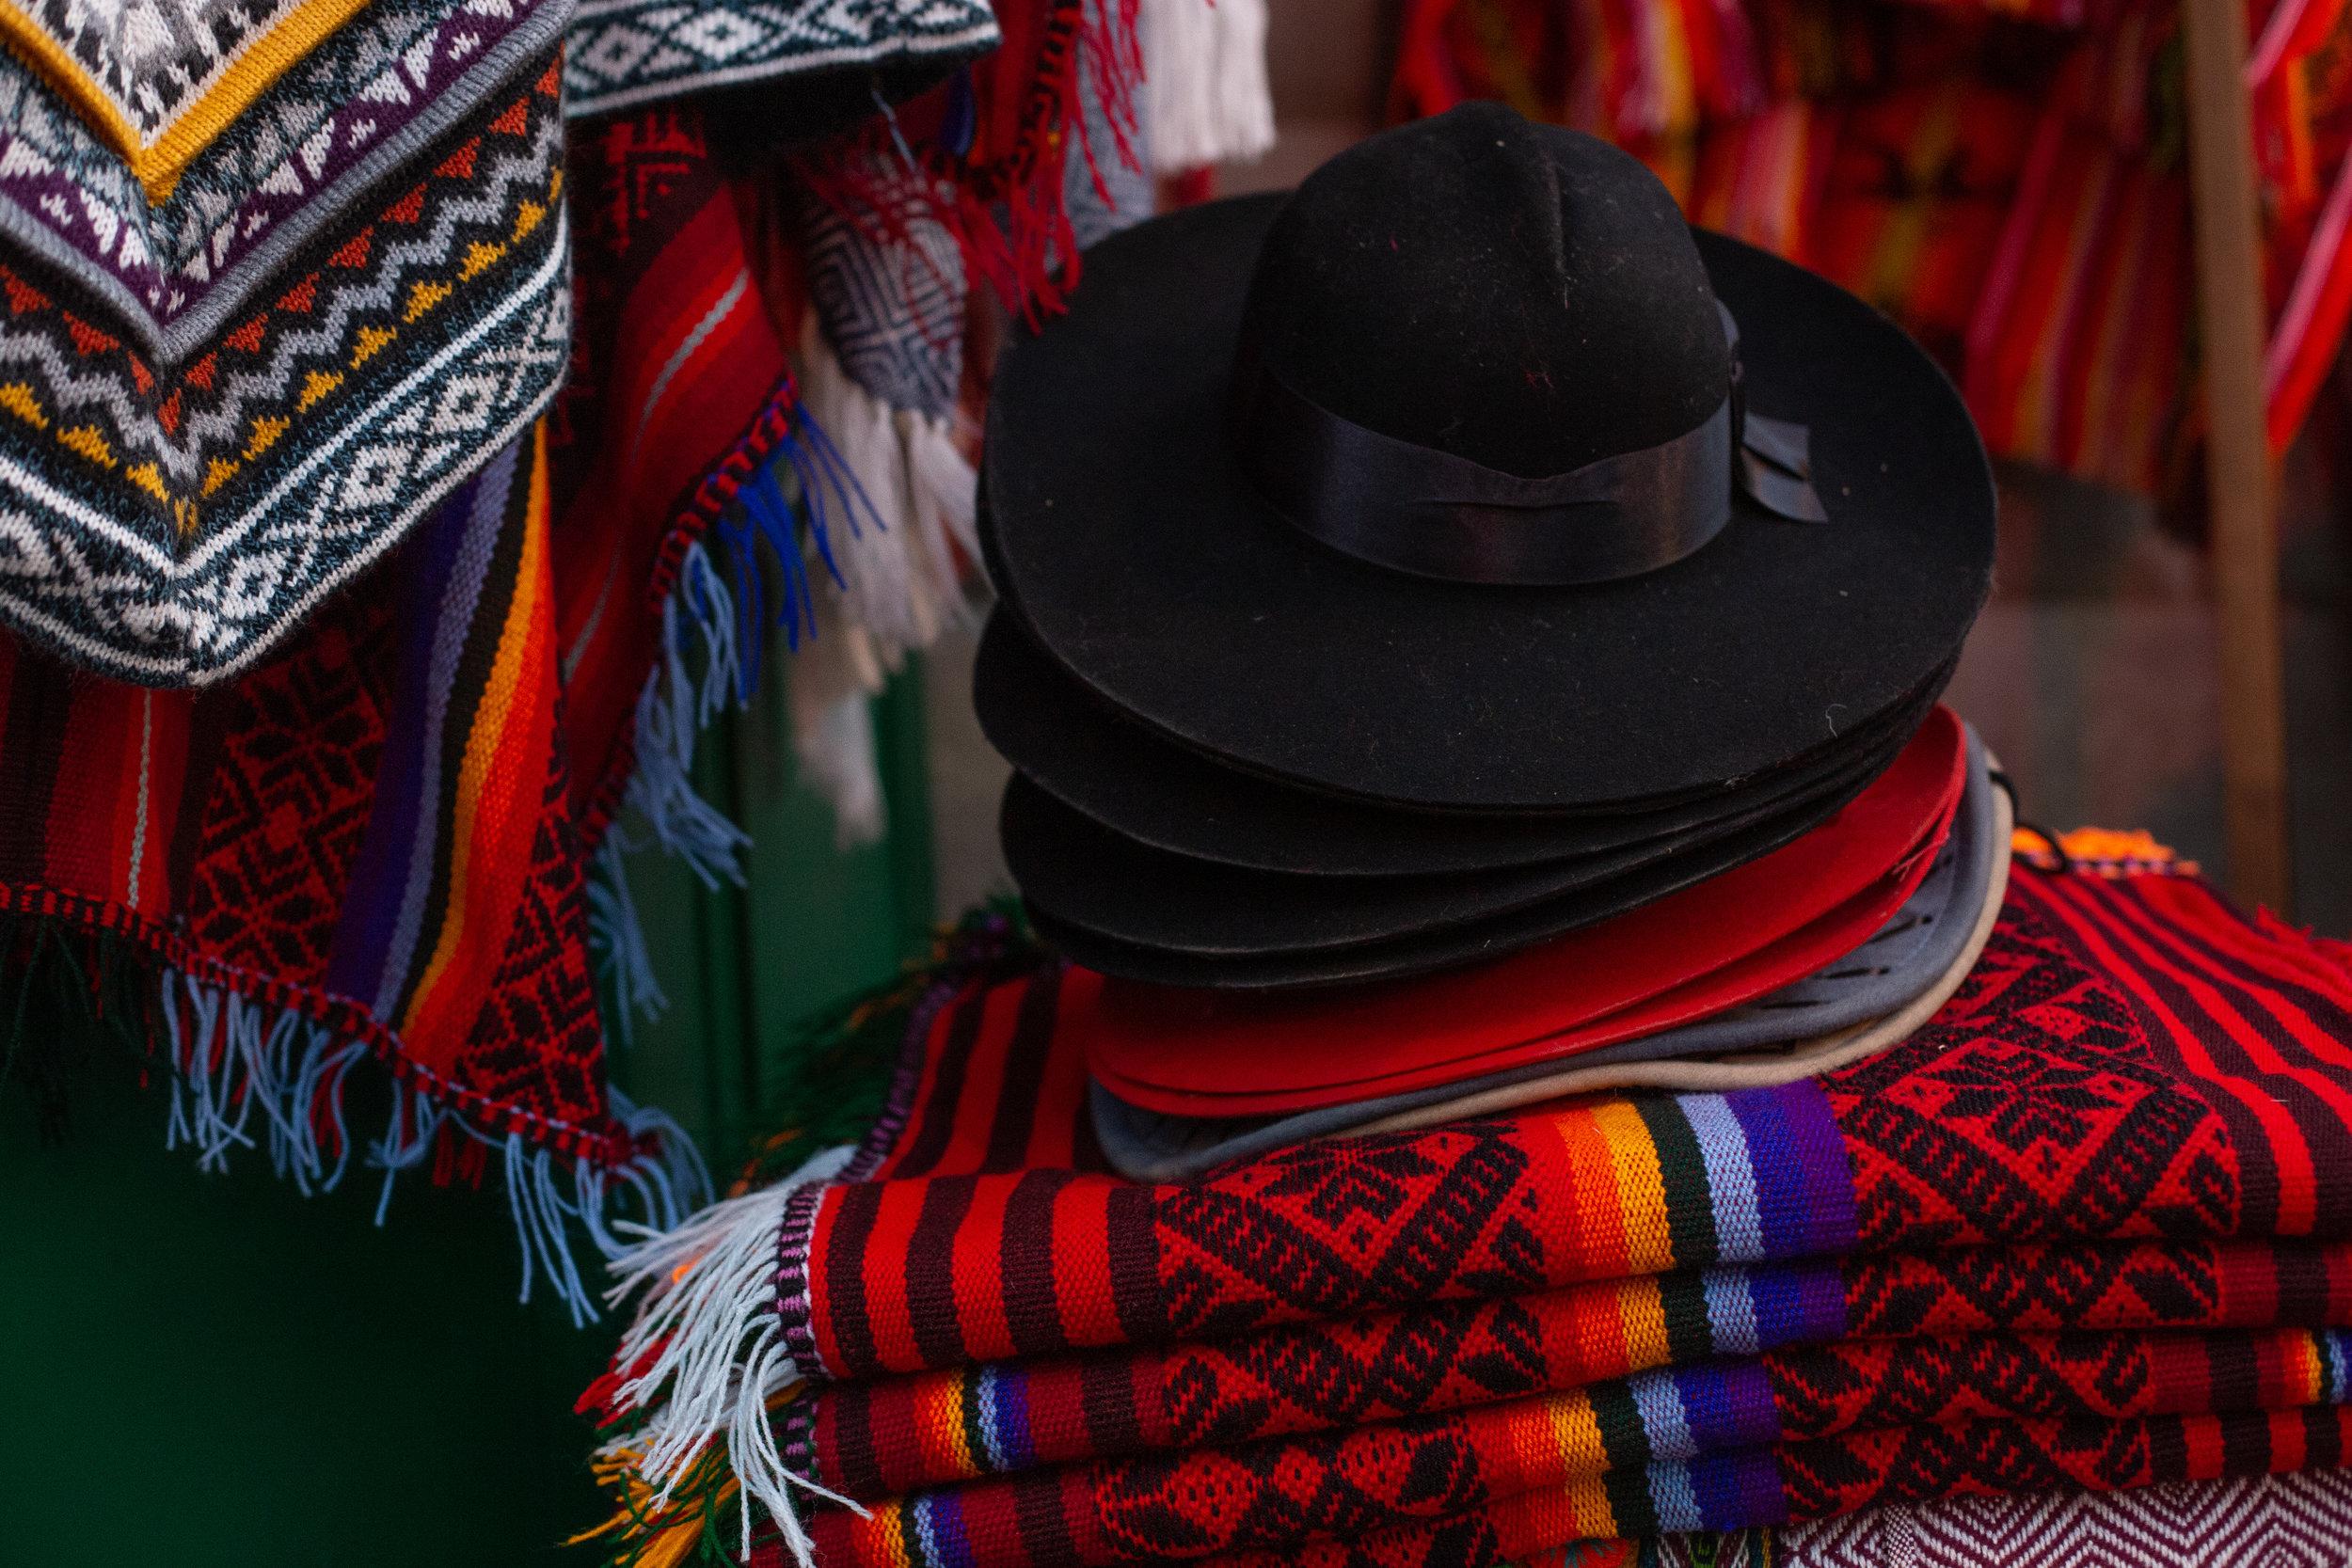 Clothing Market - Cusco